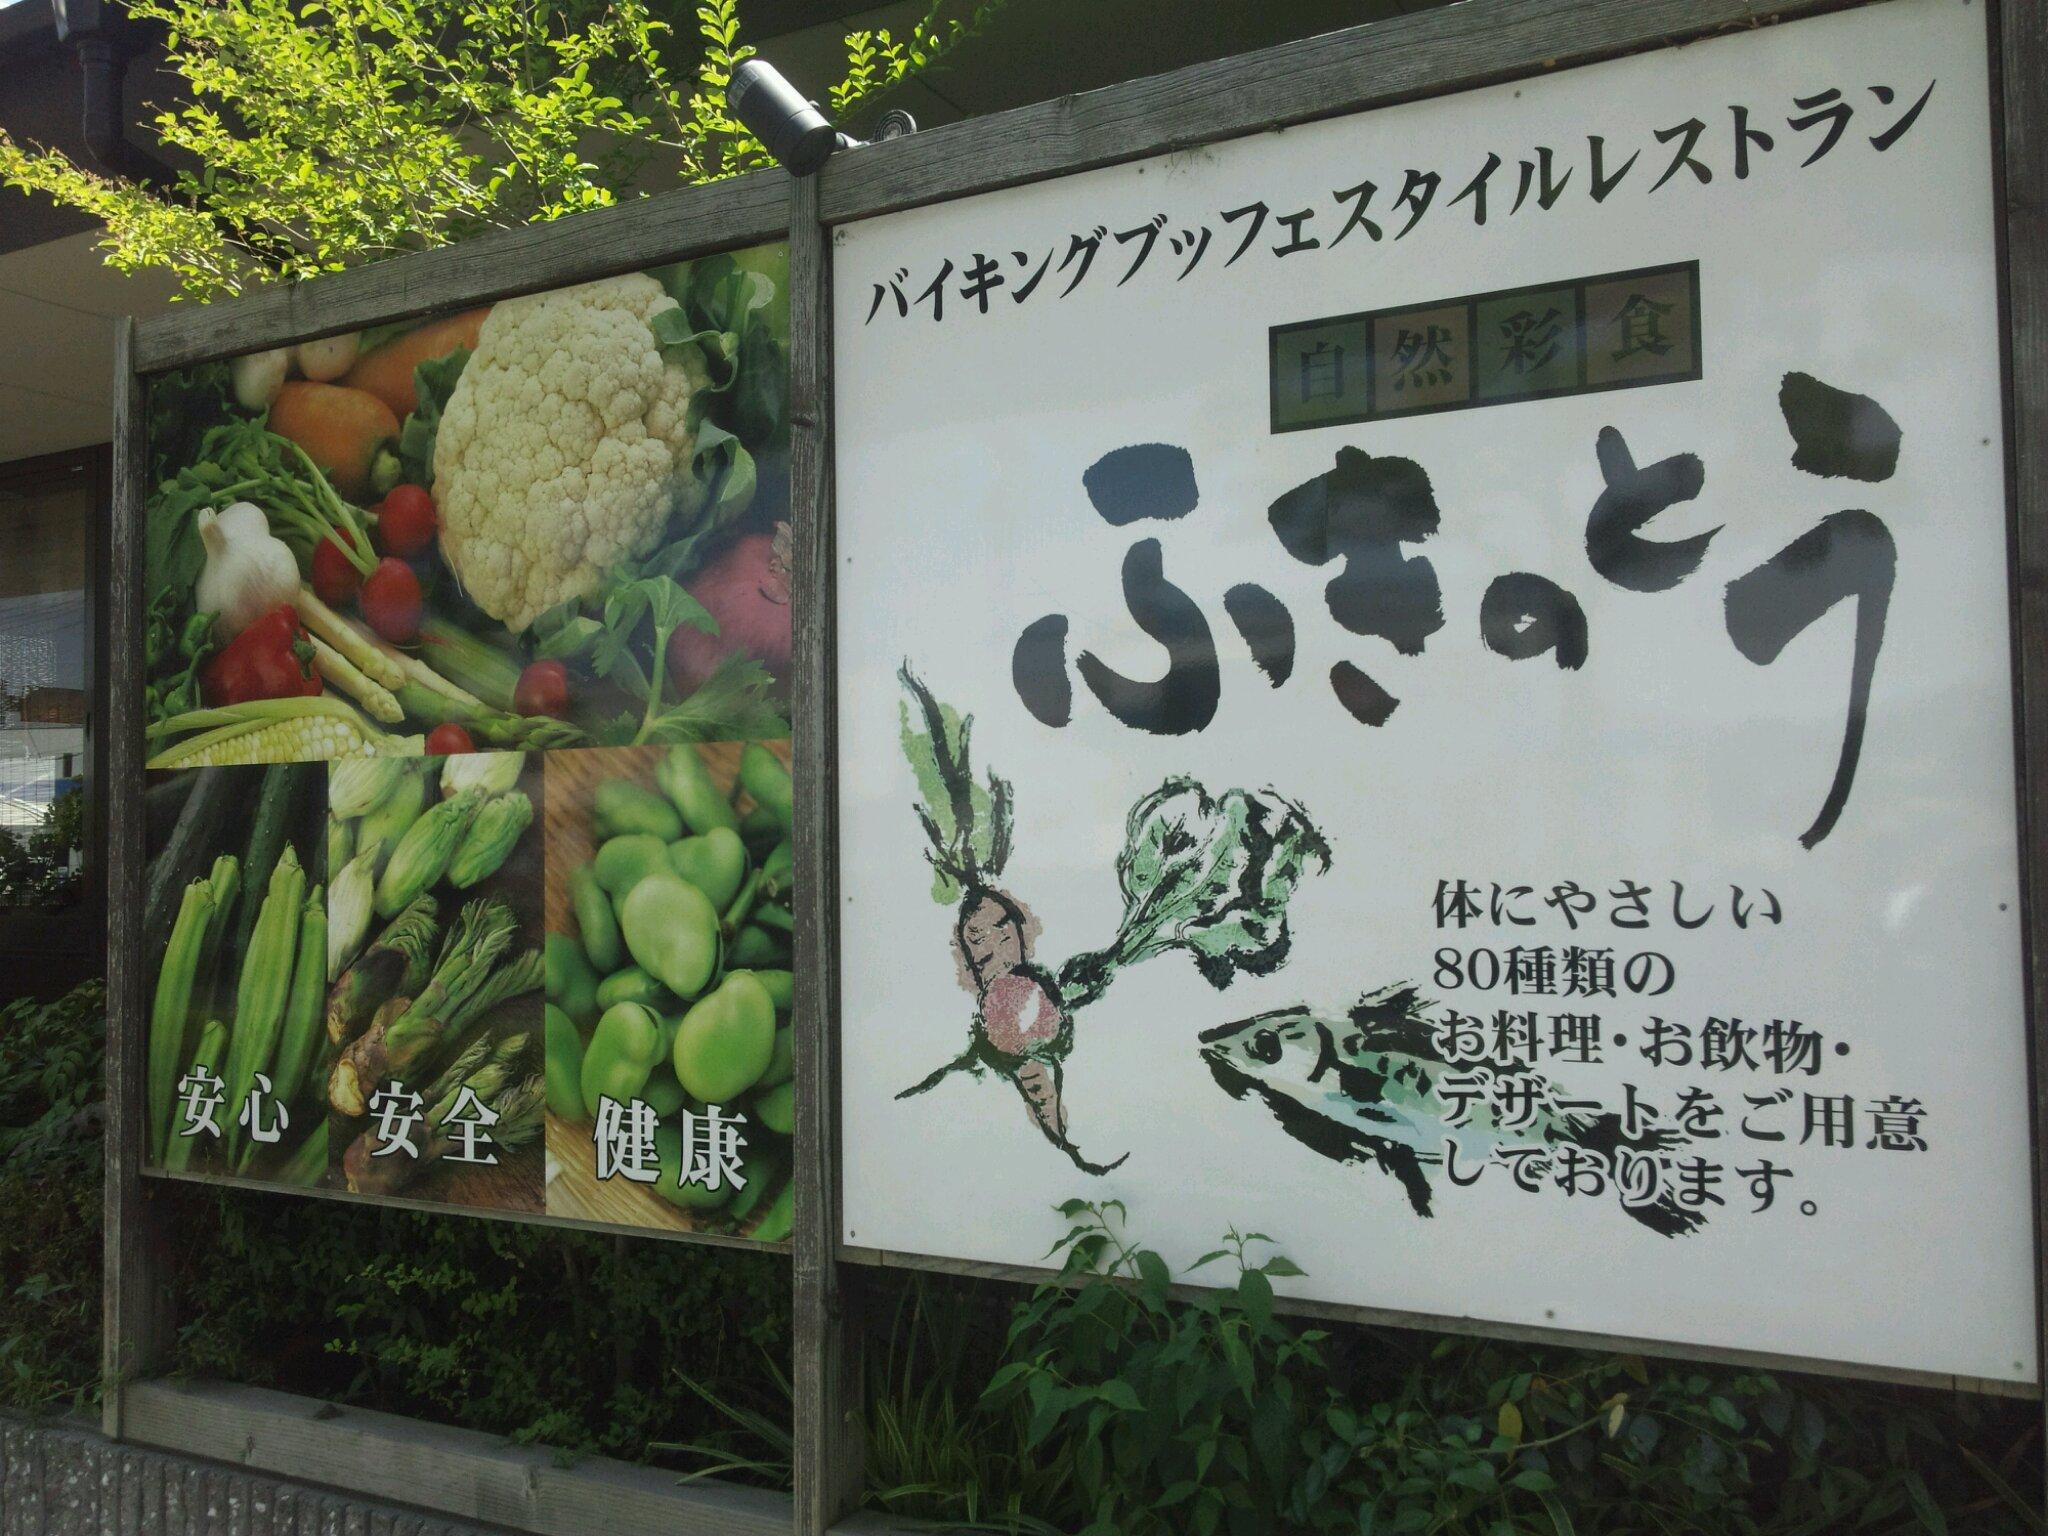 イワサキ高松店近隣ランチ情報 : 自然彩食ふきのとう(高松東バイパス店)_b0163075_19395661.jpg